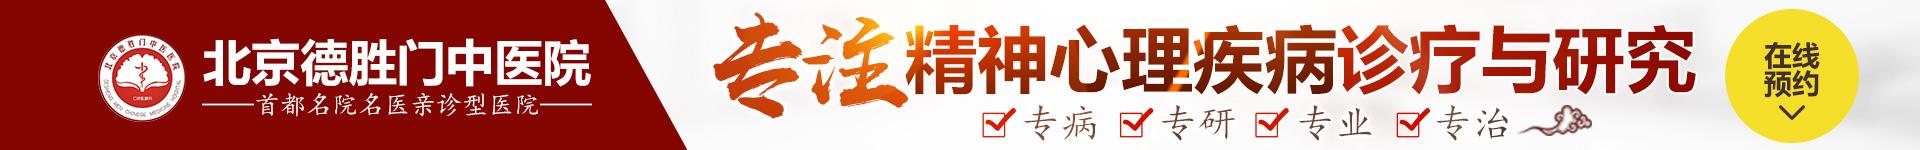 北京心理咨询医院